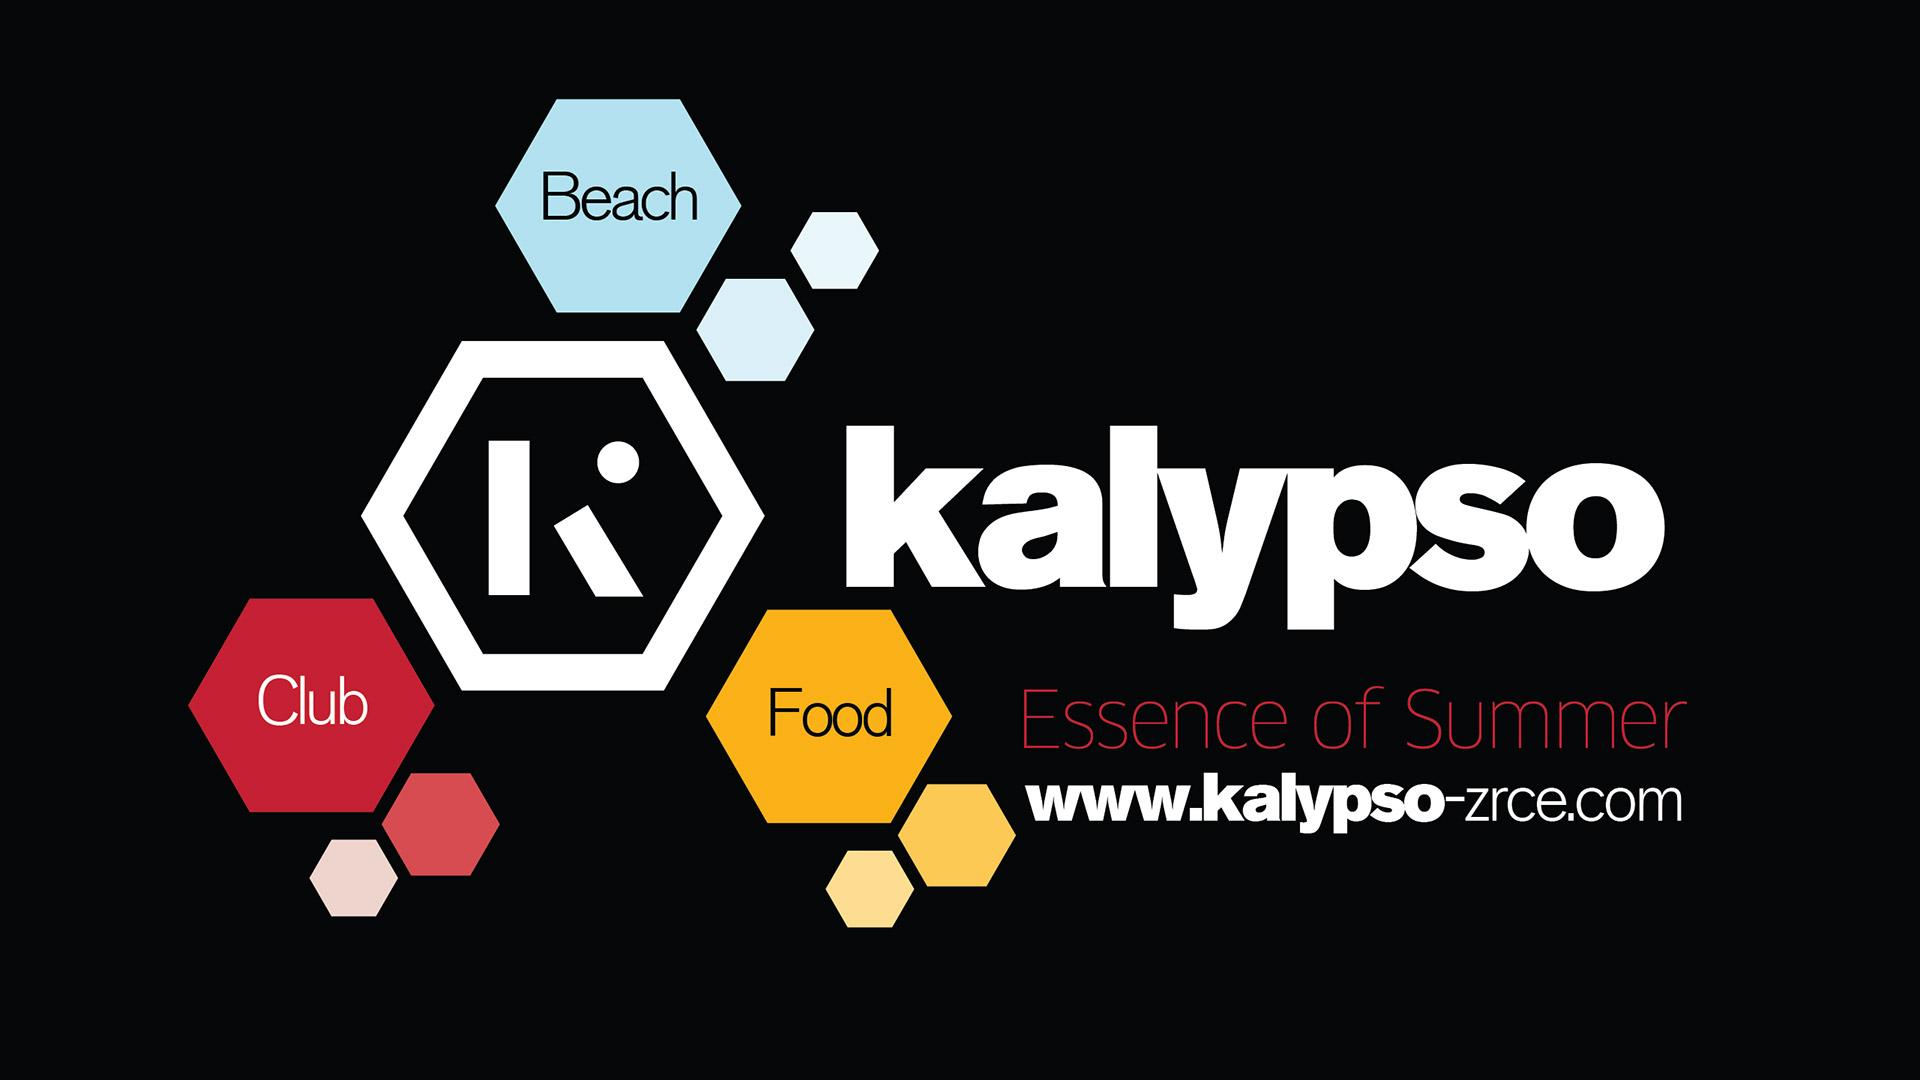 kalypso_port-12-dizajn-studio-sudar-zagreb